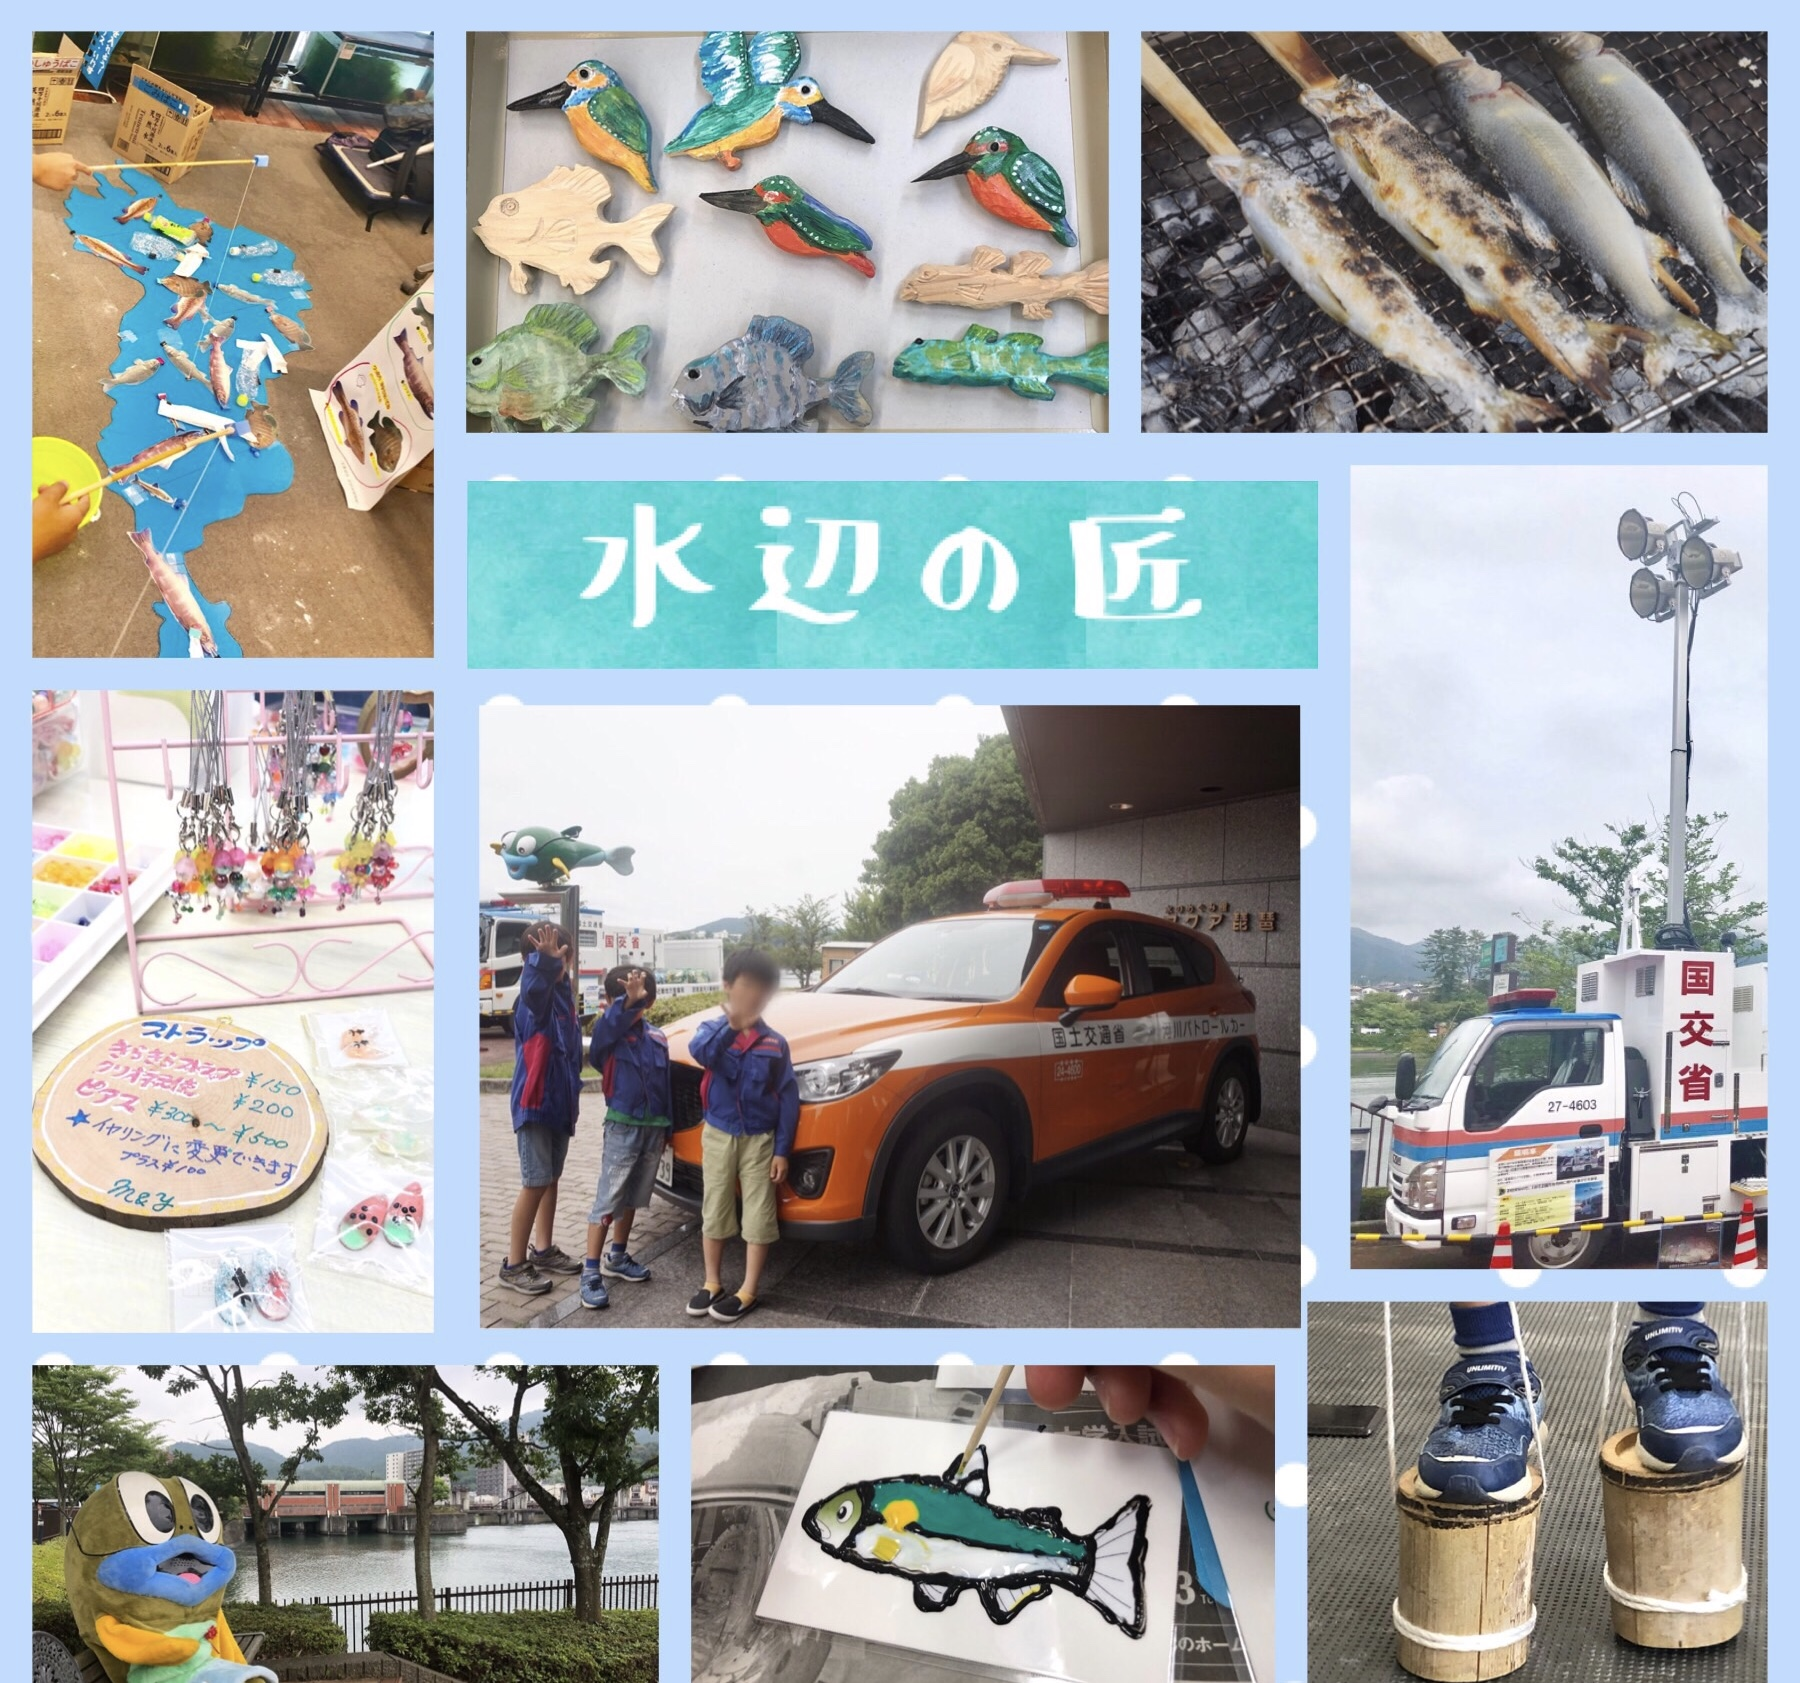 【7/20(土)】水辺の匠に行ってきました☆モノ作りや働く車・洗堰見学・おもしろ体験色々♪楽しく遊んで勉強にもなるイベント♪